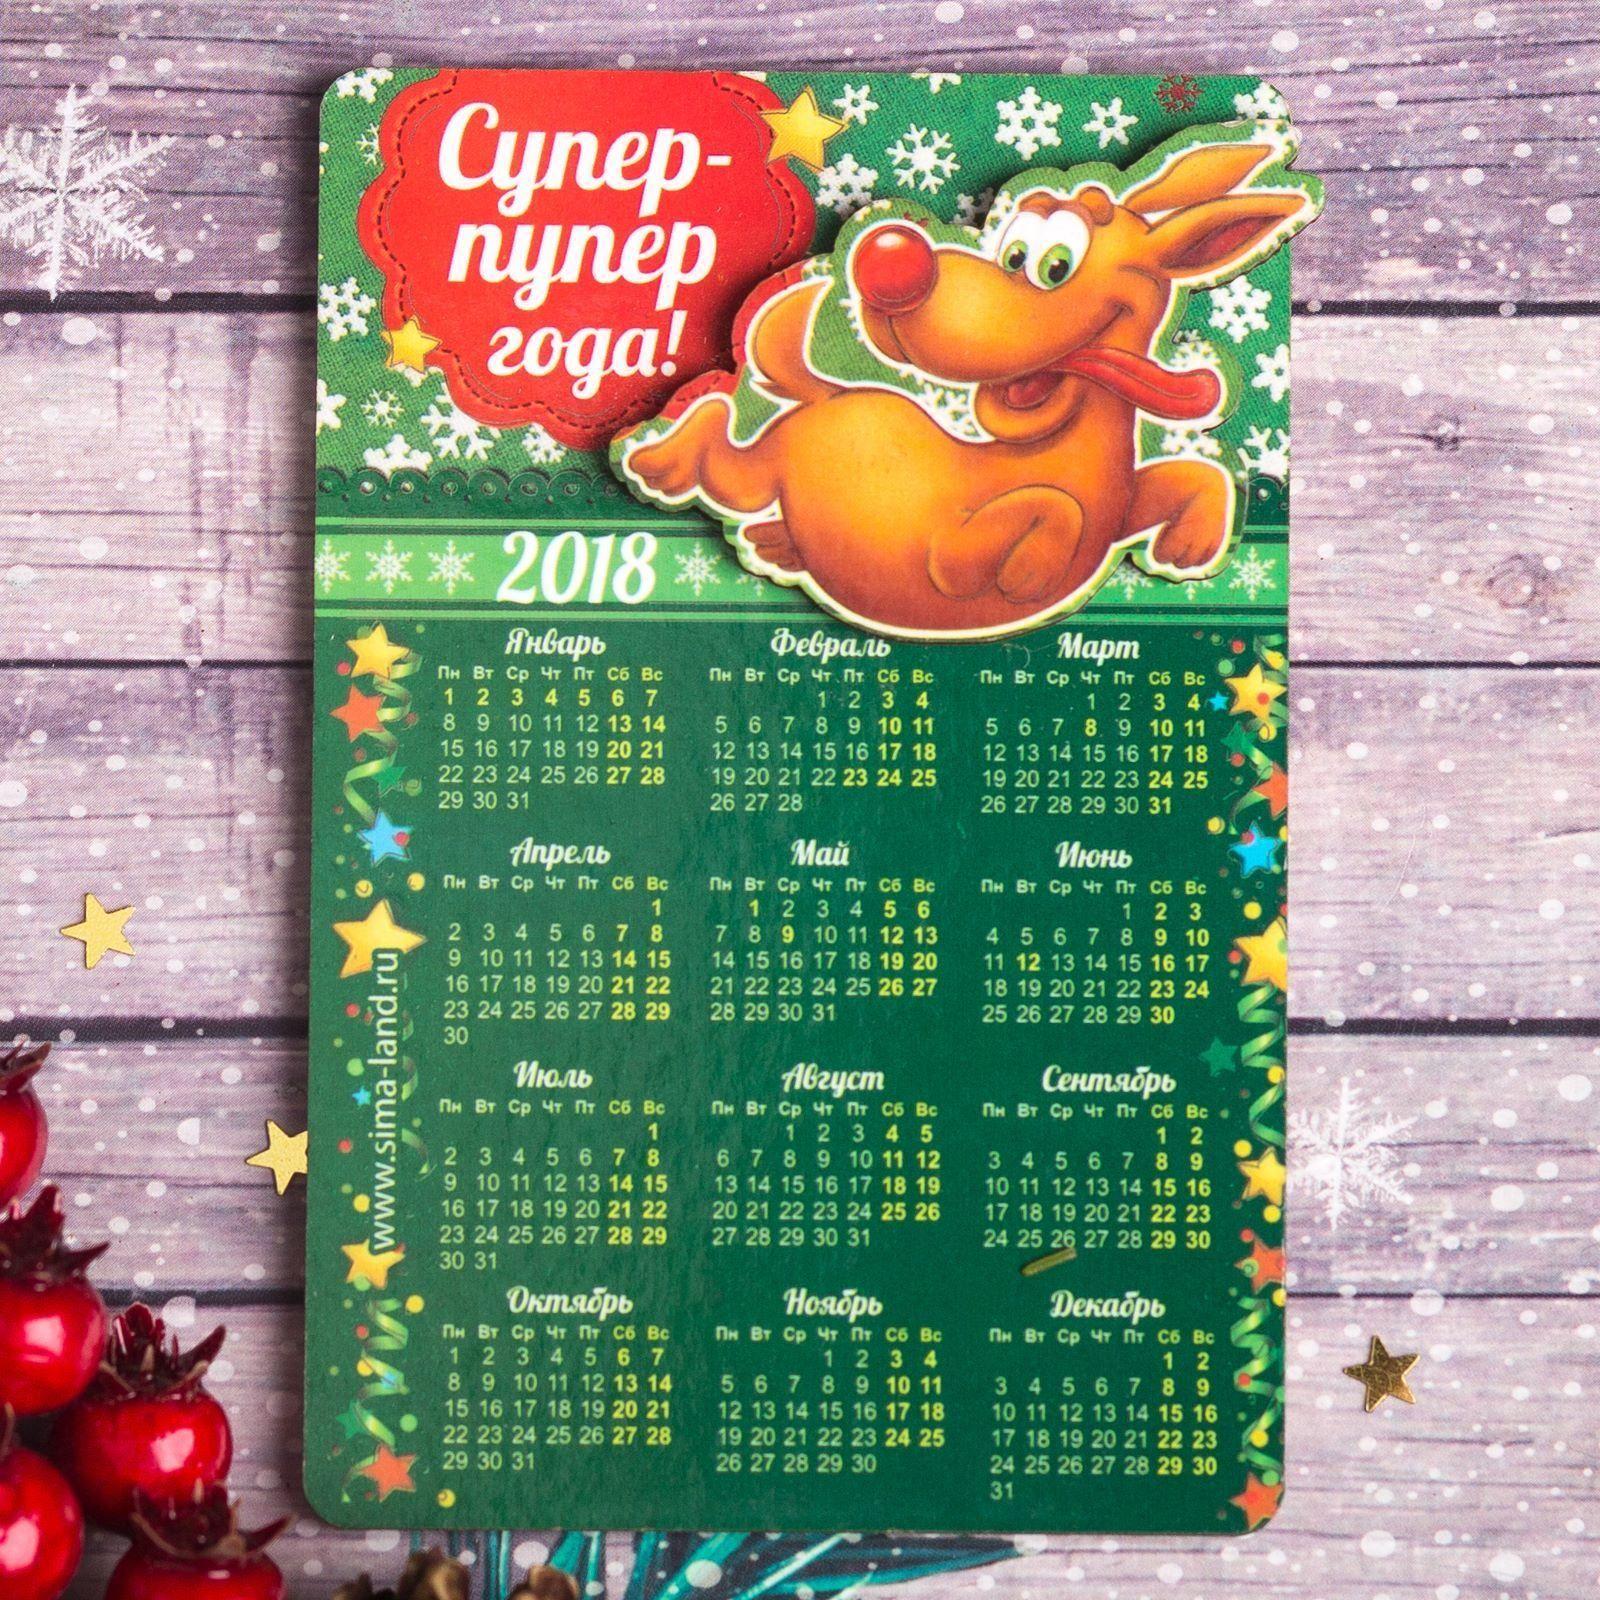 Магнит Sima-land Супер-пупер года!, с календарем, 8 х 12 см1933312Порадуйте родных и близких оригинальным сувениром: преподнесите в подарок магнит. С ним даже самый серьёзный человек почувствует себя ребёнком, ожидающим чудо! Создайте праздничное настроение, и оно останется с вами на весь год.